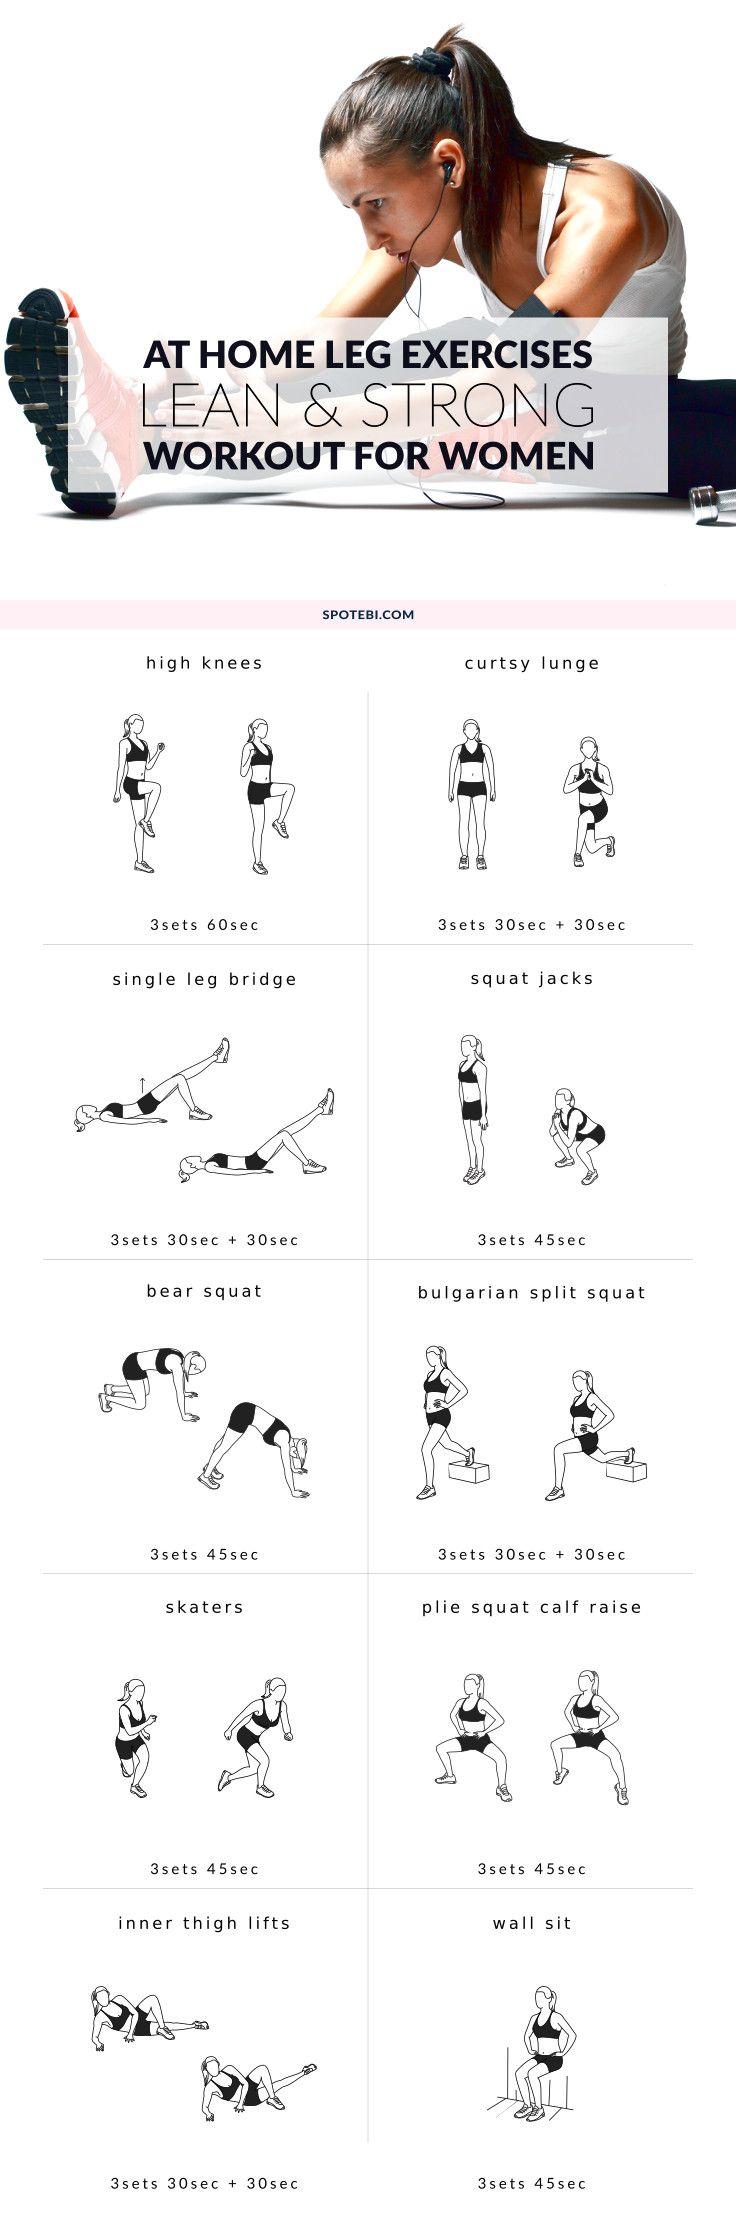 At Home Leg Exercises For Women | Leg exercises, Routine ...